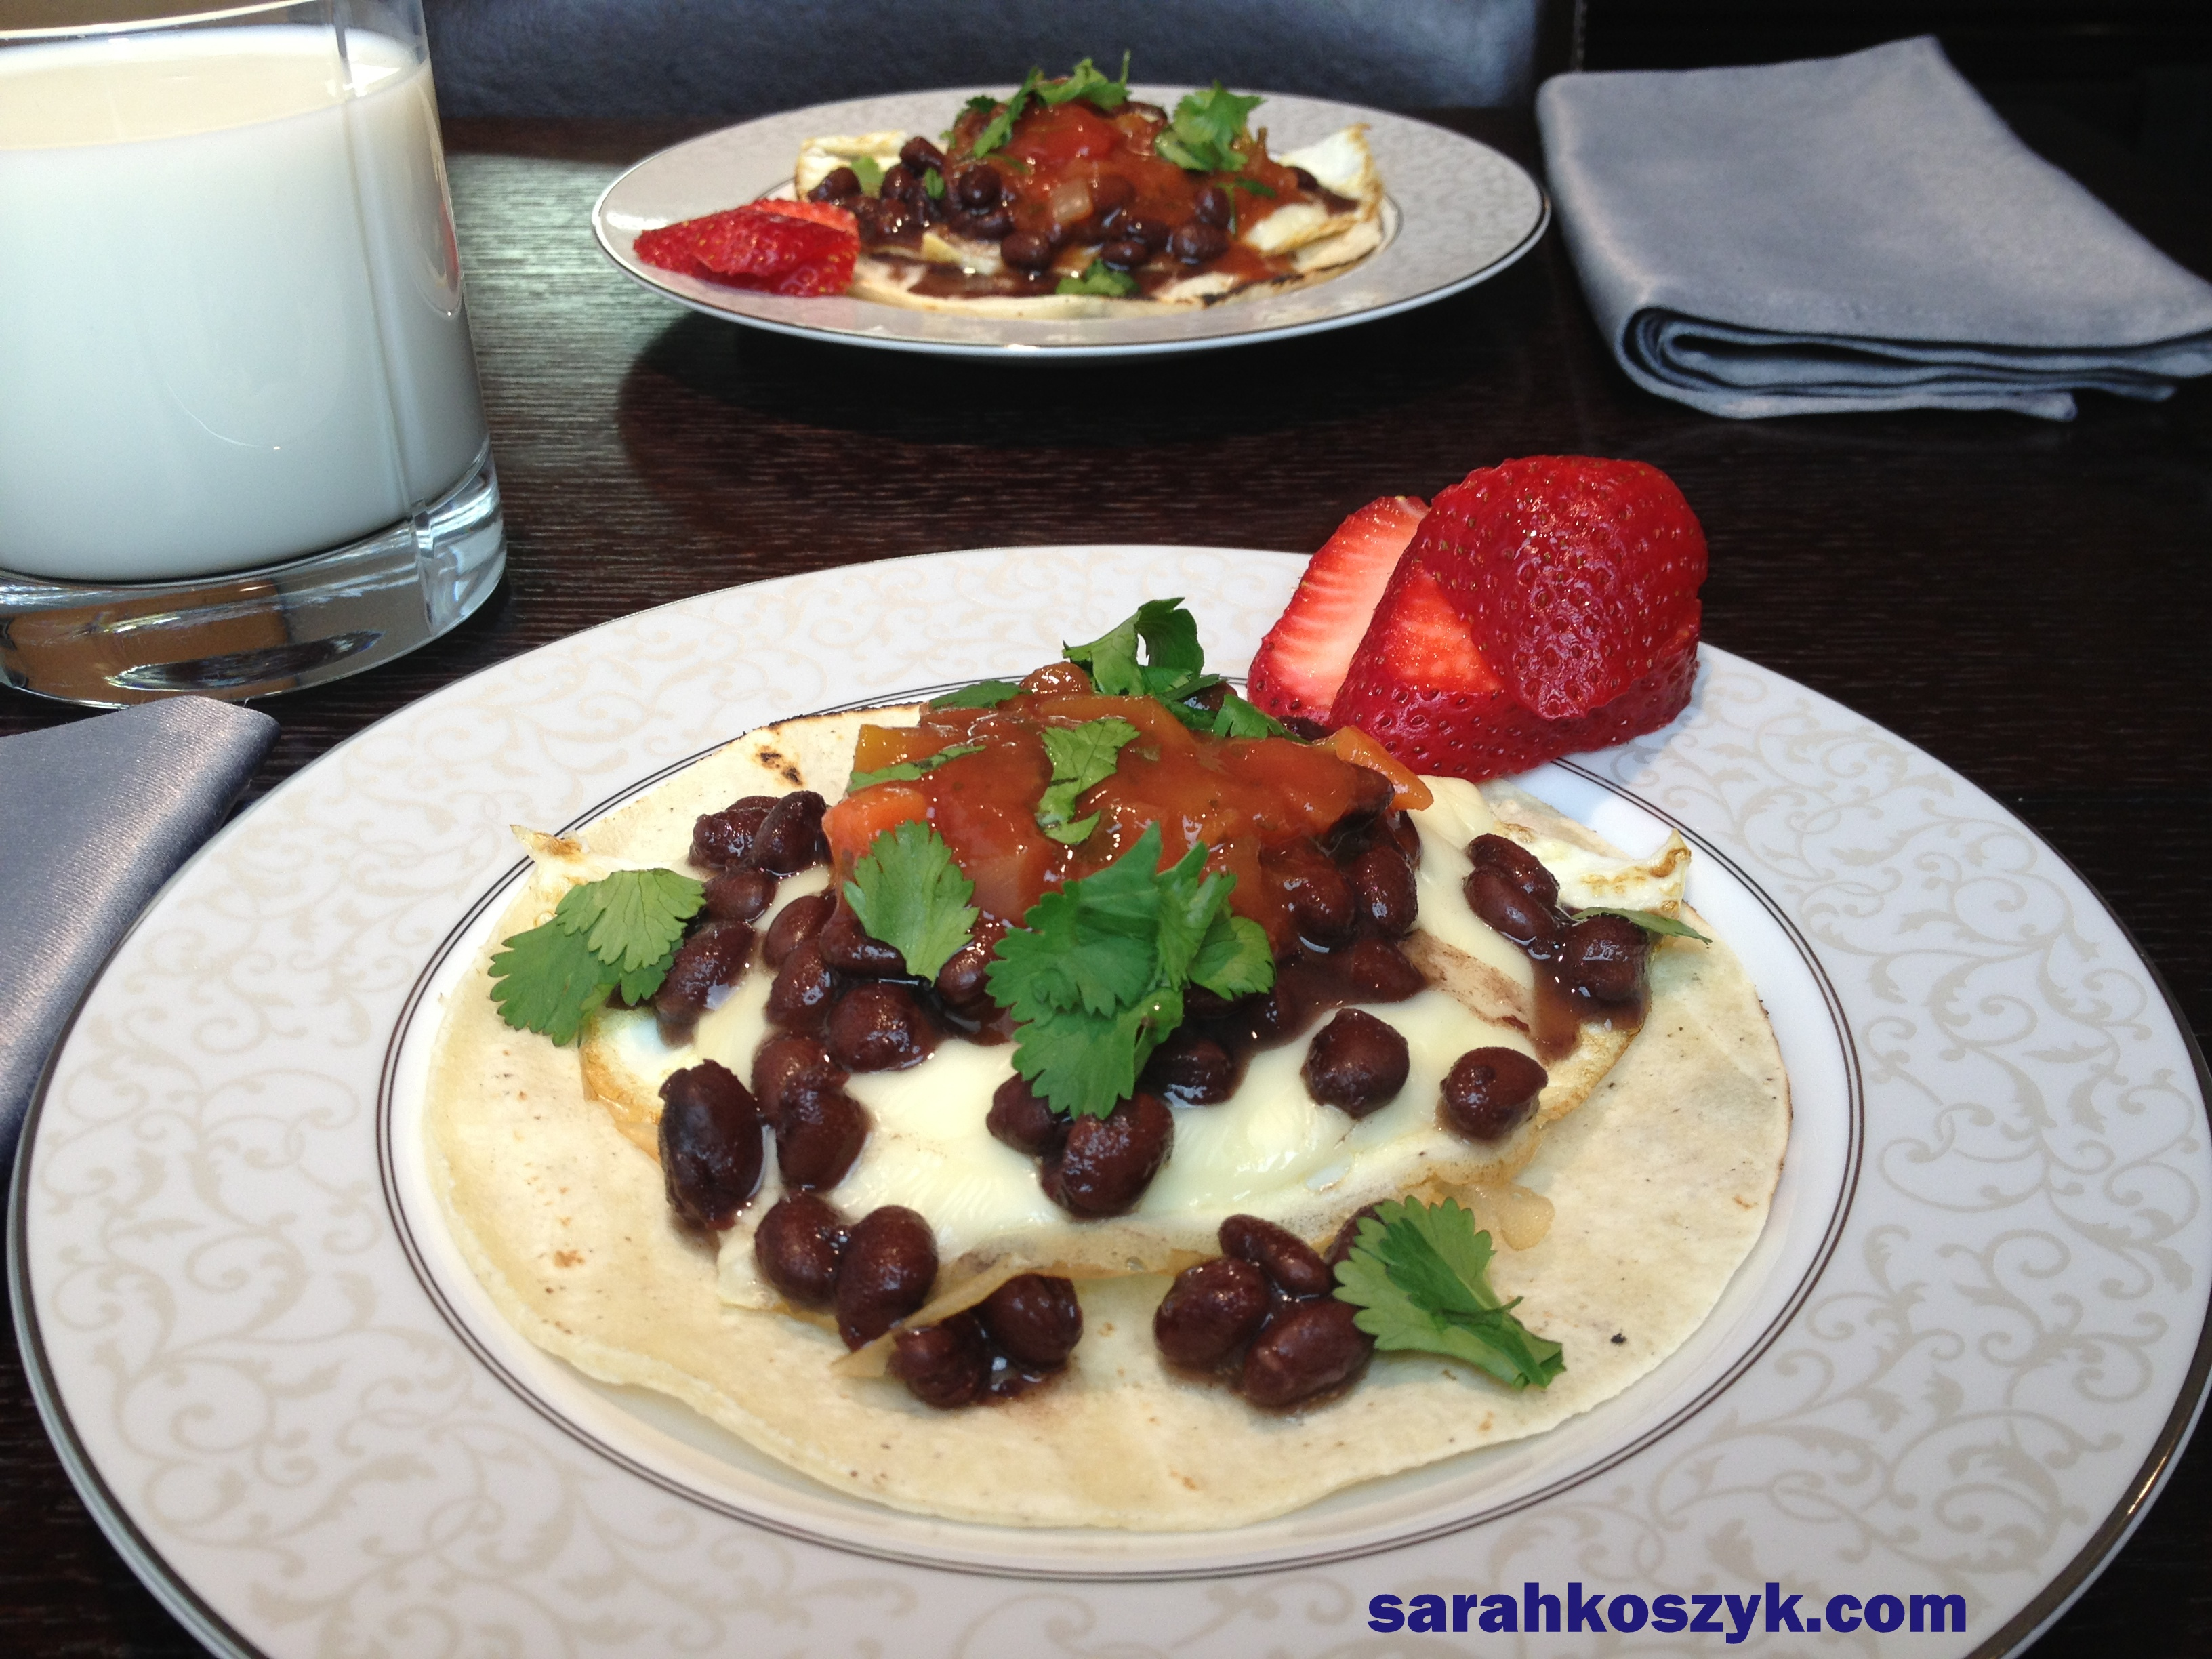 ... Tacos With Eggs - Sarah Koszyk Family. Food. Fiesta.   Sarah Koszyk